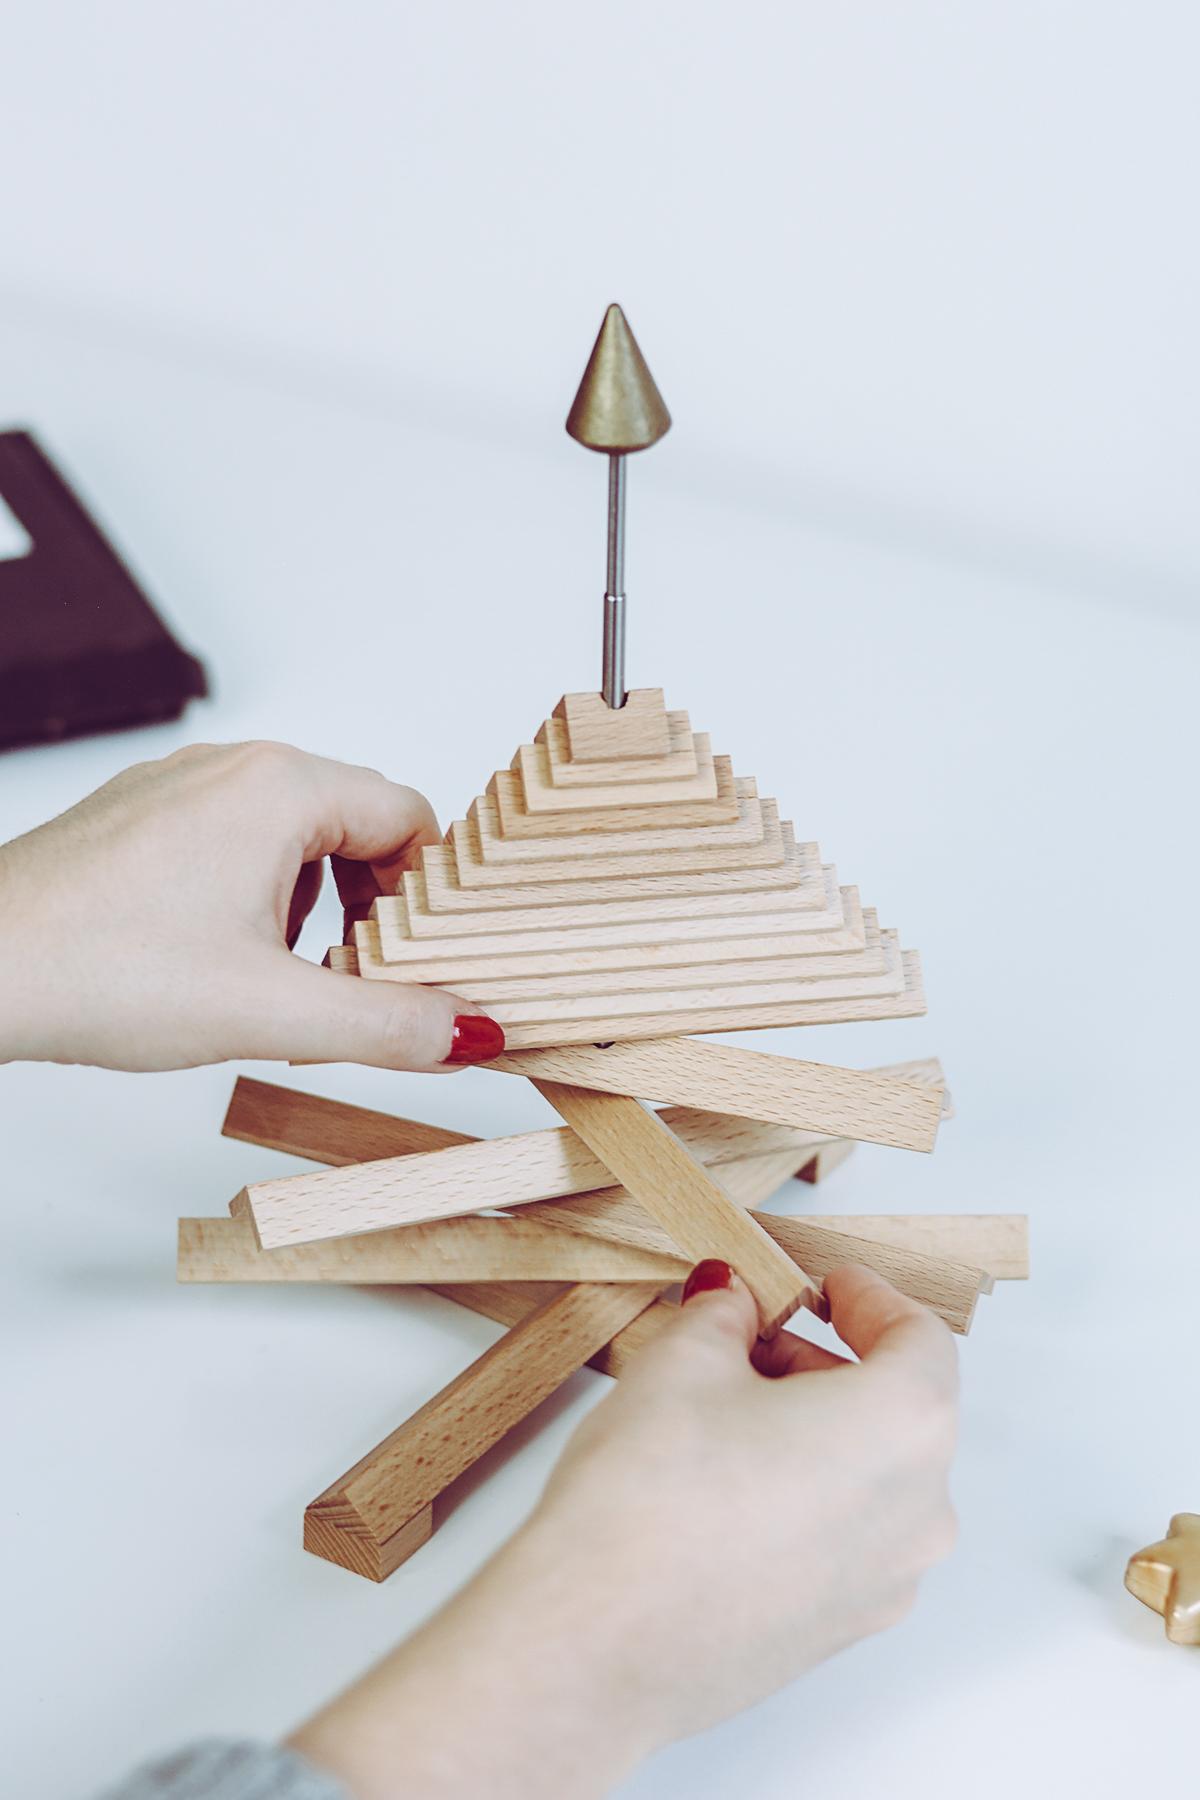 Rudolf aus Buche: Nachhaltiger Weihnachtsbaum aus Holz | Pixi mit Milch